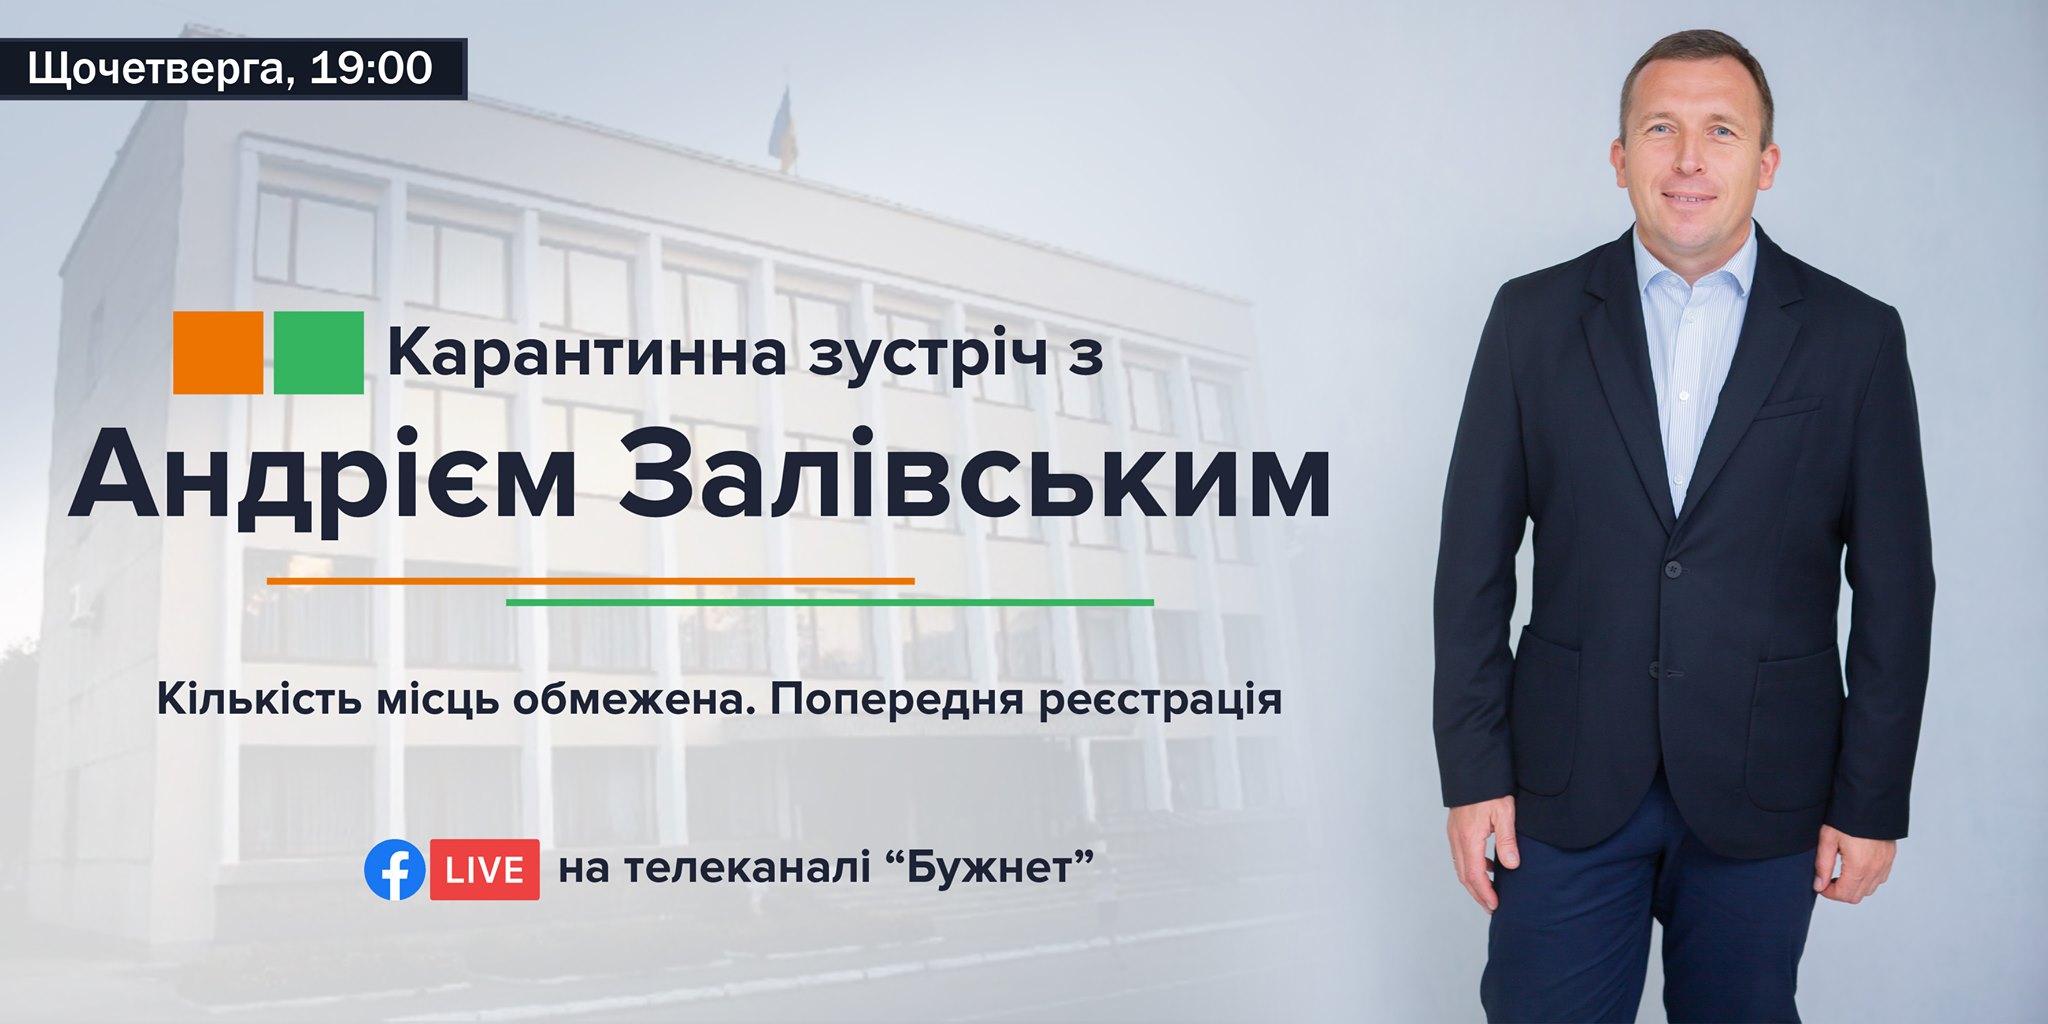 Андрій Залівський –  вдруге балотується на посаду мера Червонограда